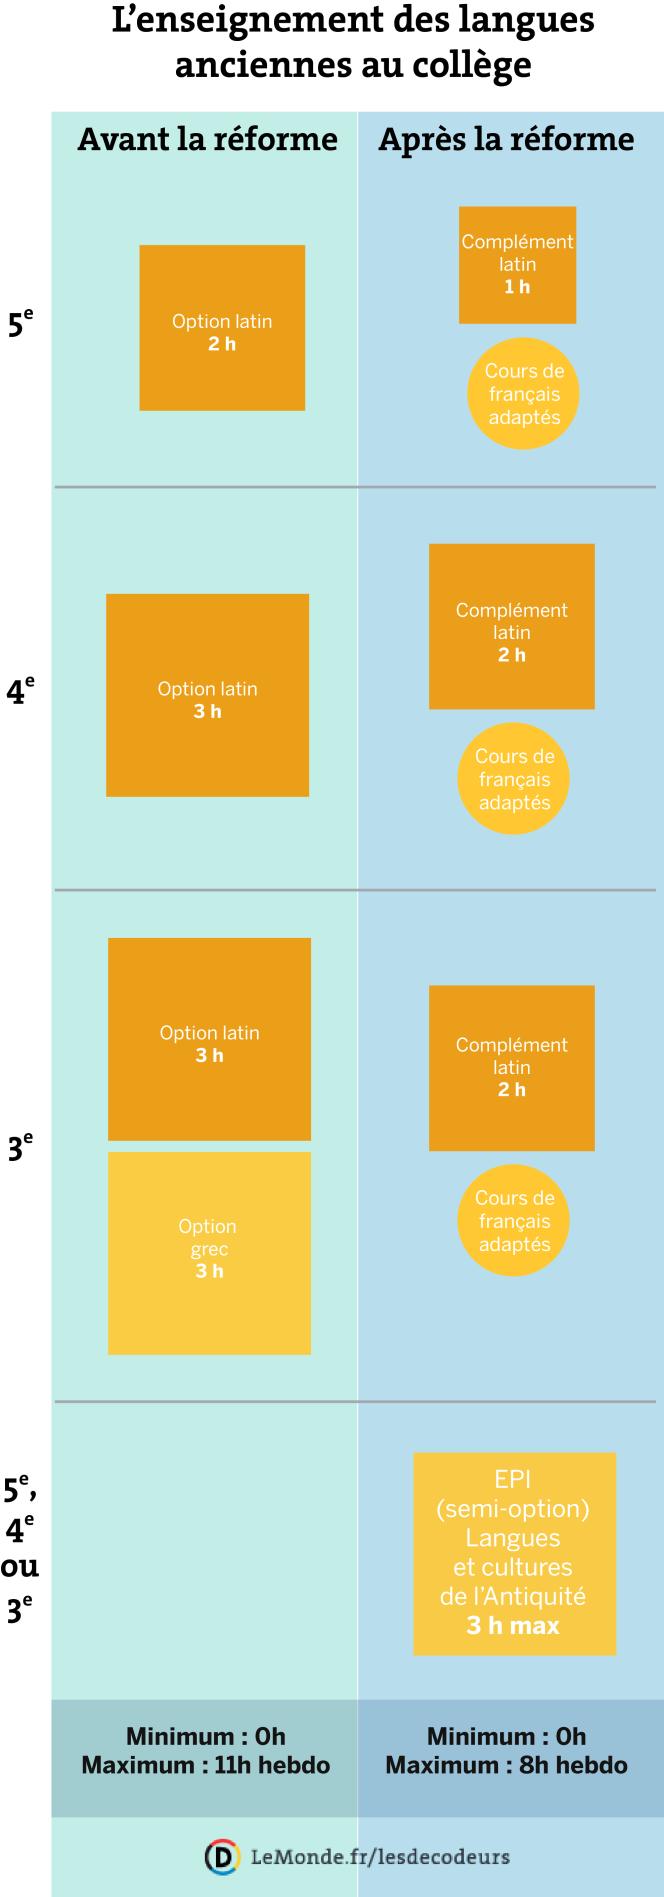 L'enseignement des langues anciennes au collège, avant et après la réforme Vallaud-Belkacem.